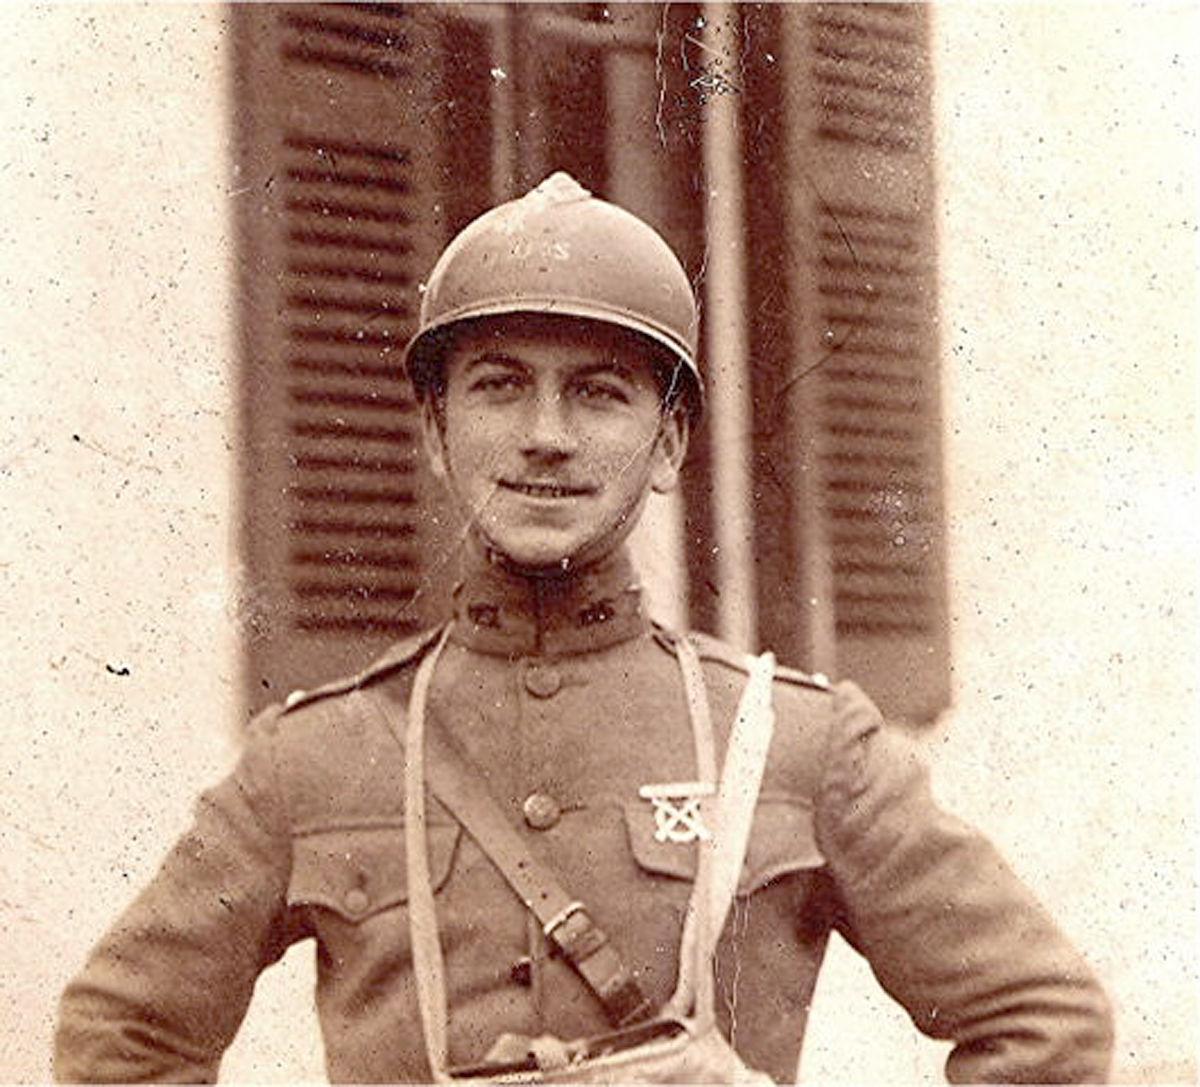 WWI U.S> Soldier in Adrian helmet.jpg